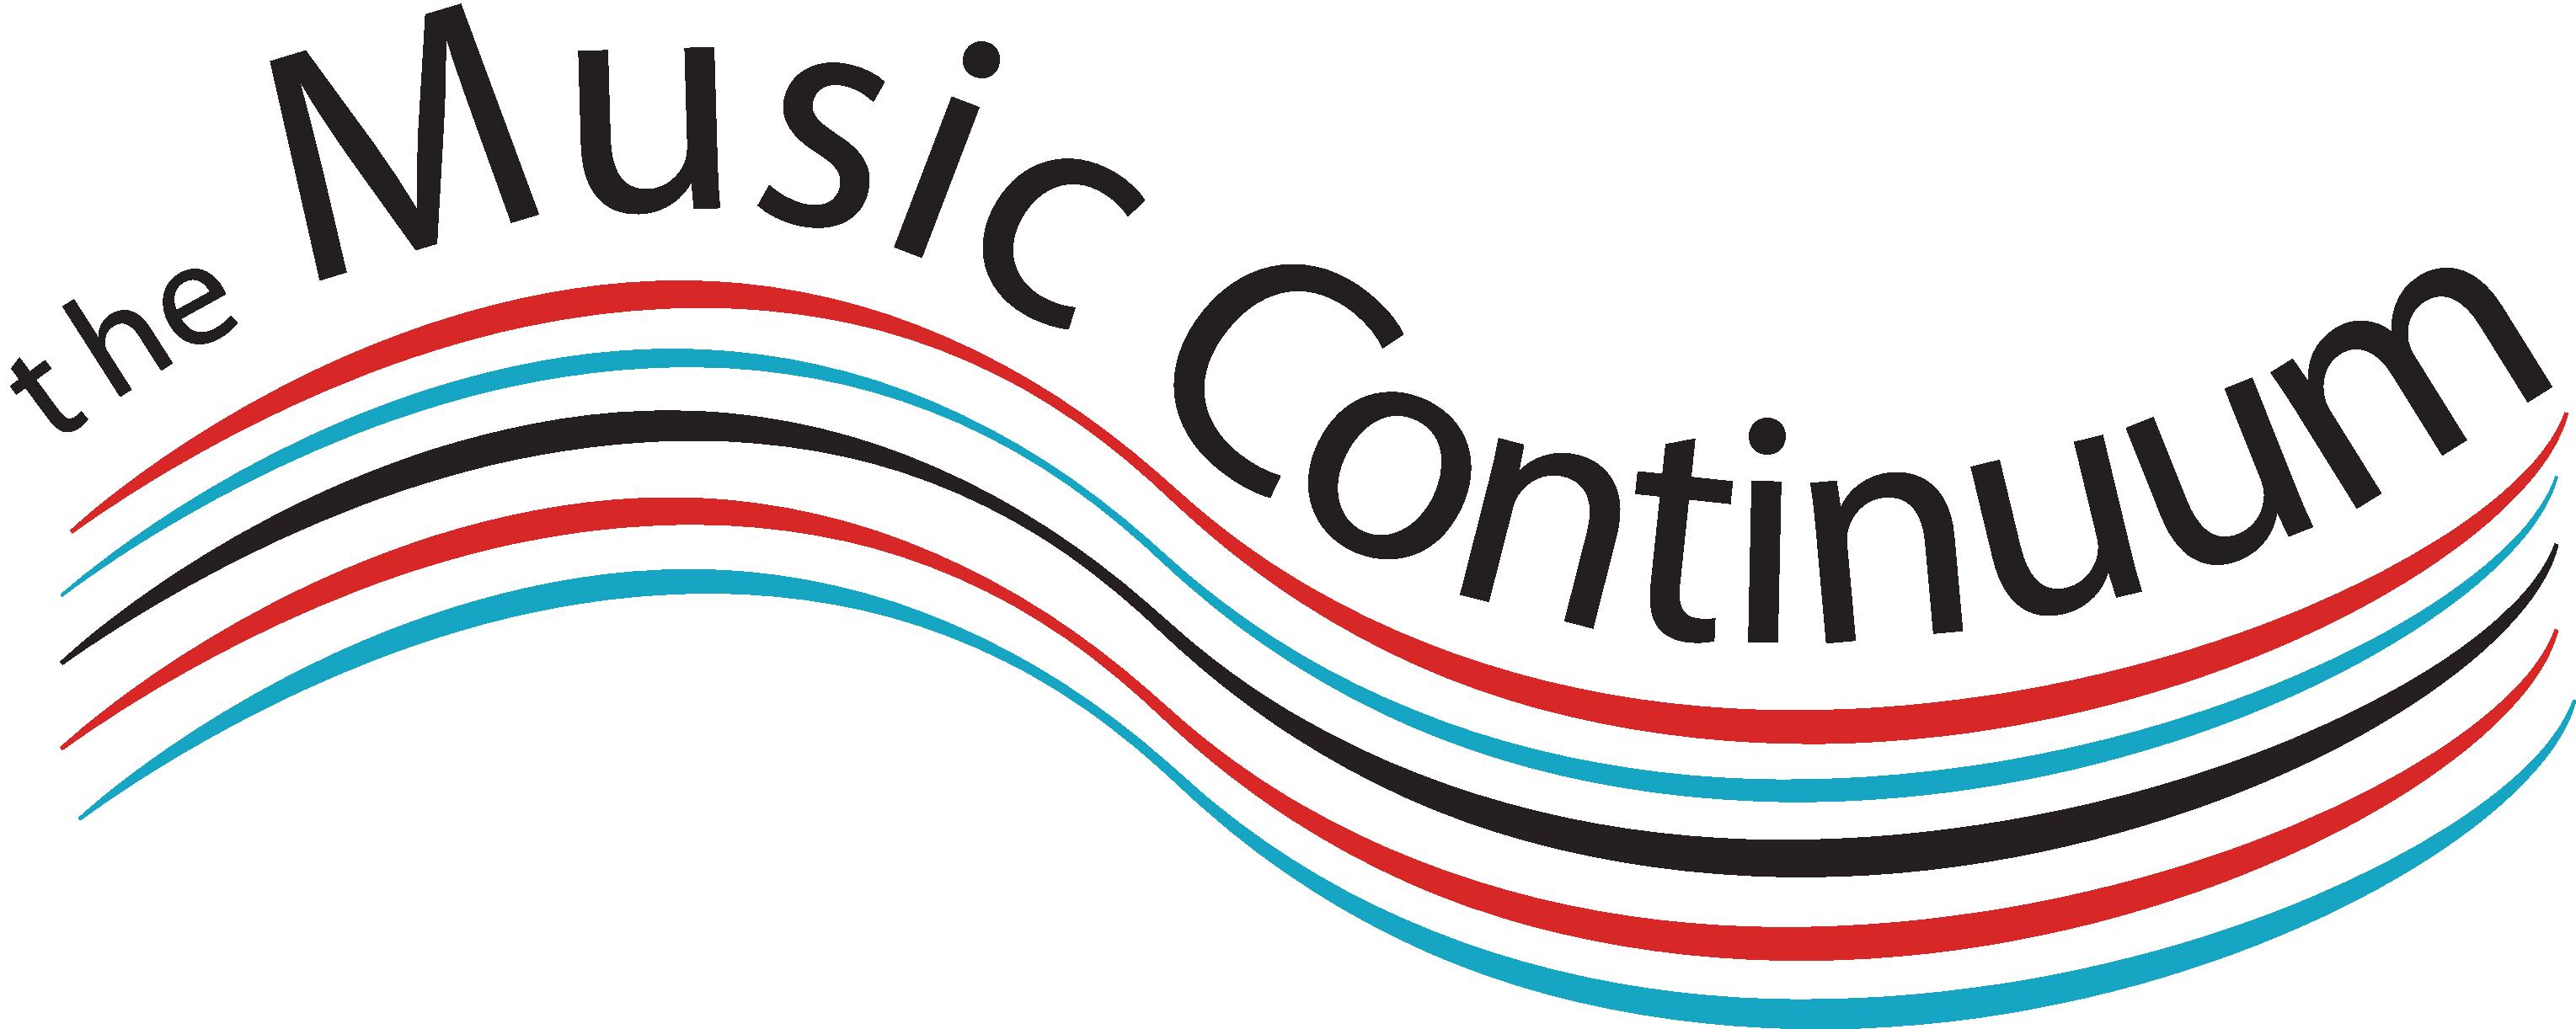 The Music Continuum